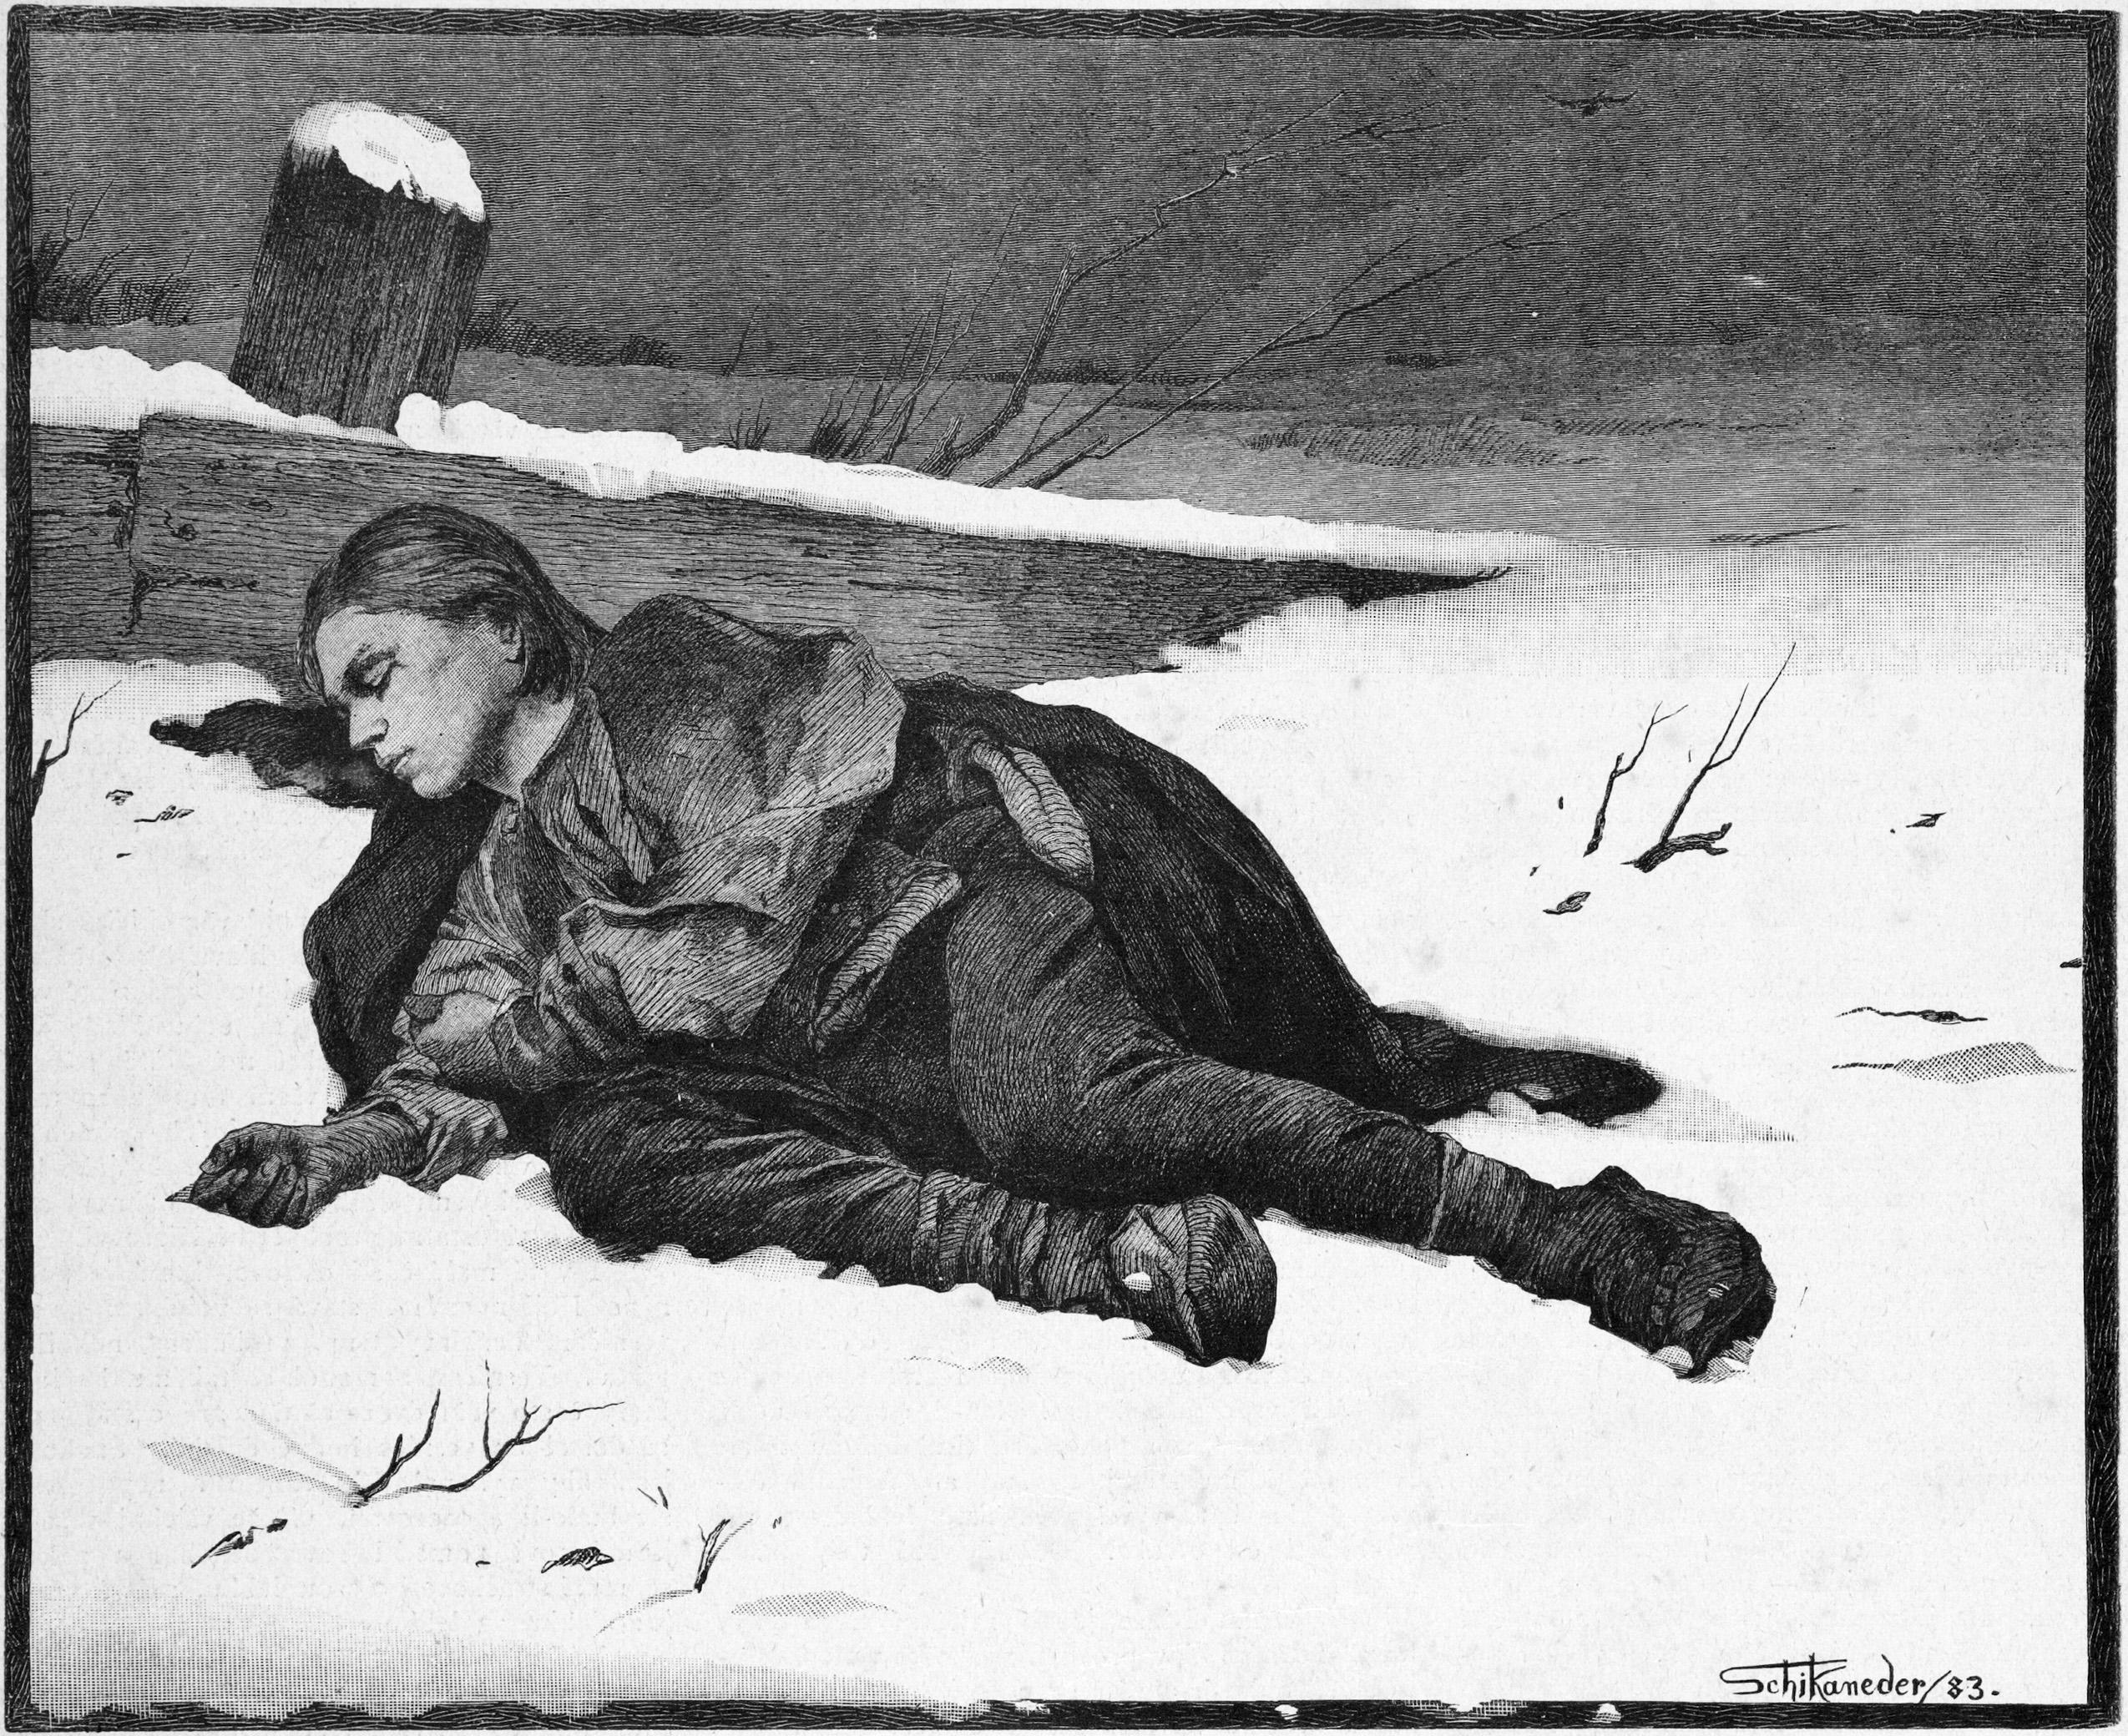 Ein erschöpfter Wanderer liegt im Schnee